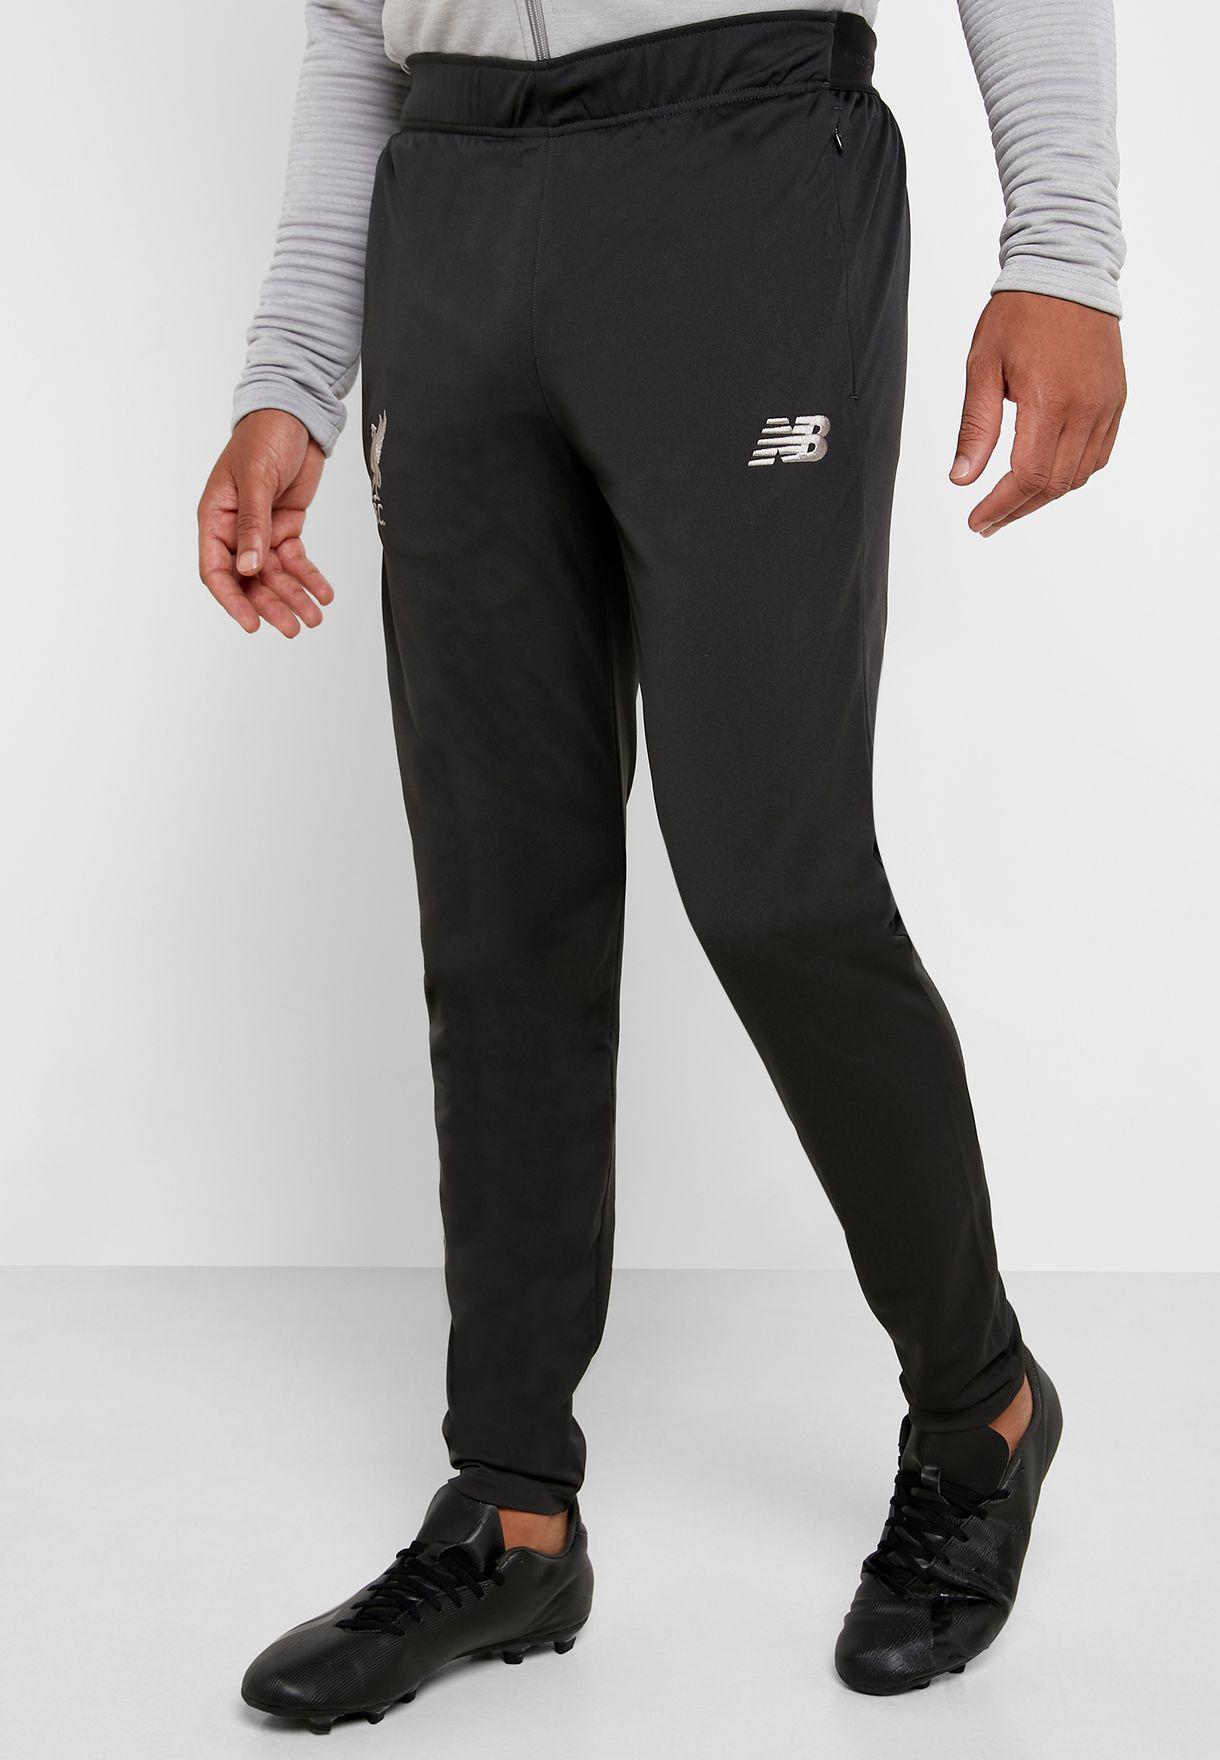 Liverpool FC Sweatpants